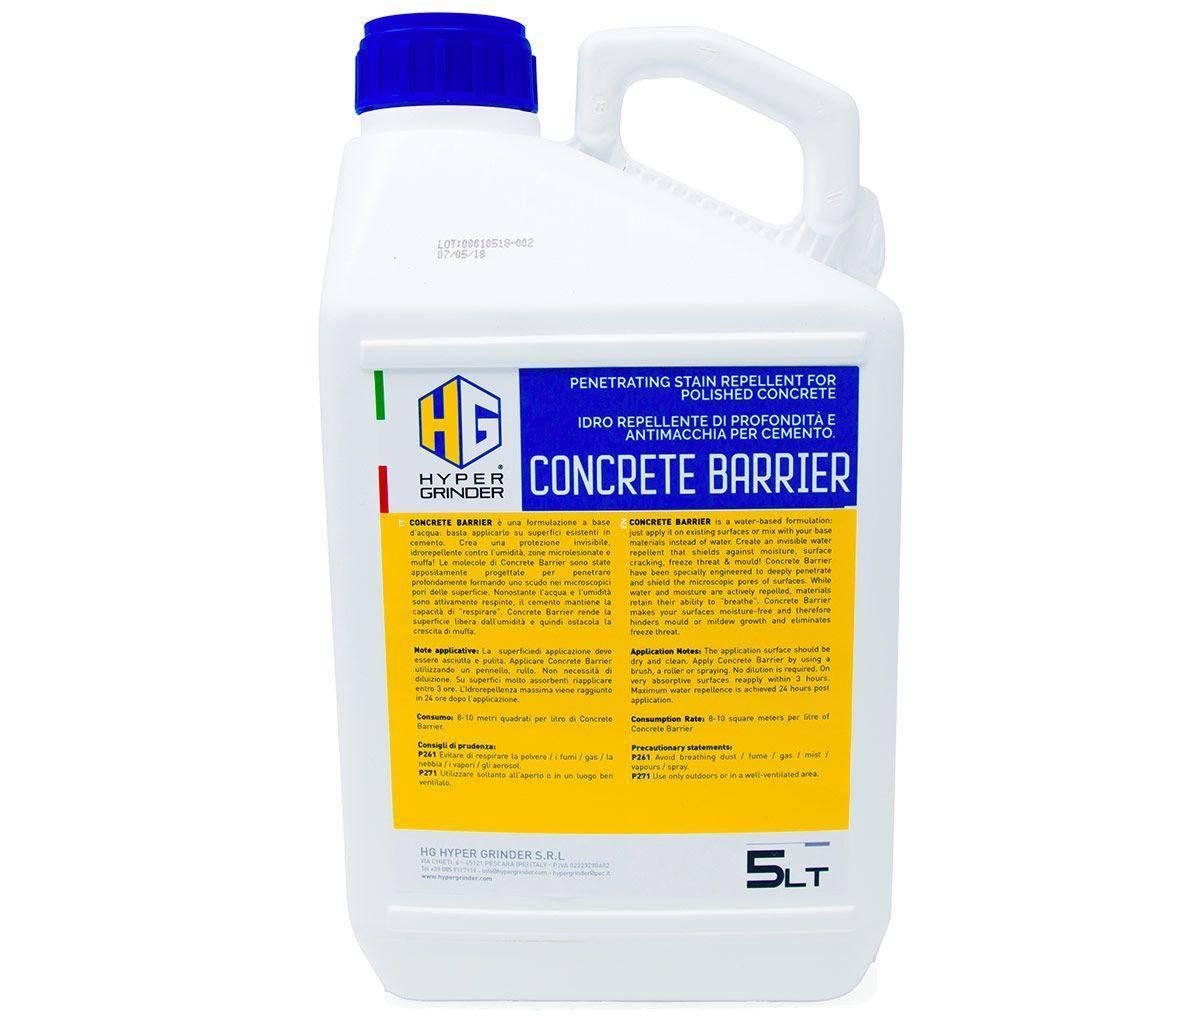 Concrete Barrier 1454